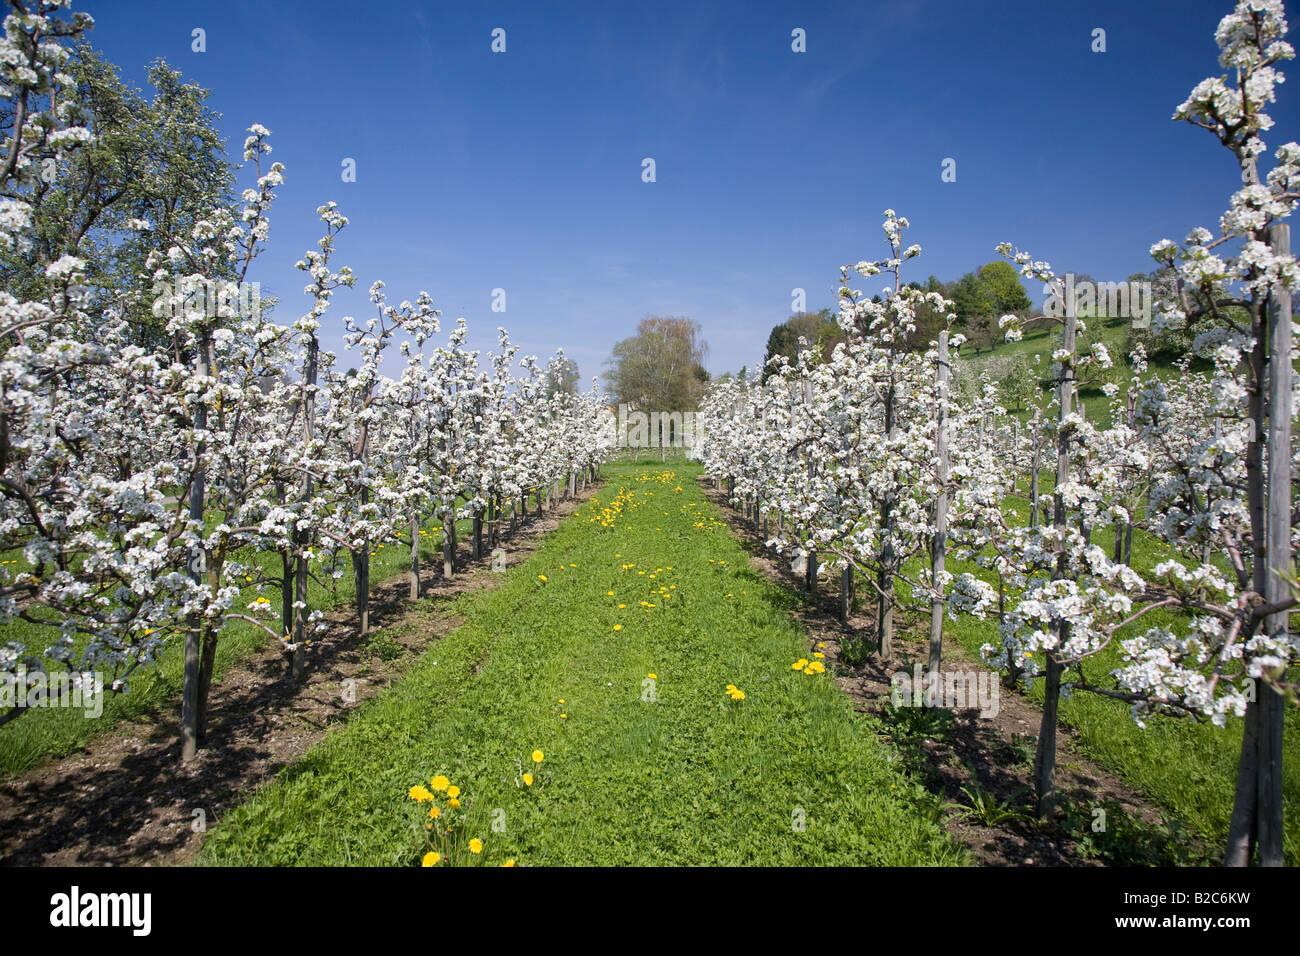 Foto Di Alberi Da Frutto alberi da frutto potatura di alberi da frutta in fiore